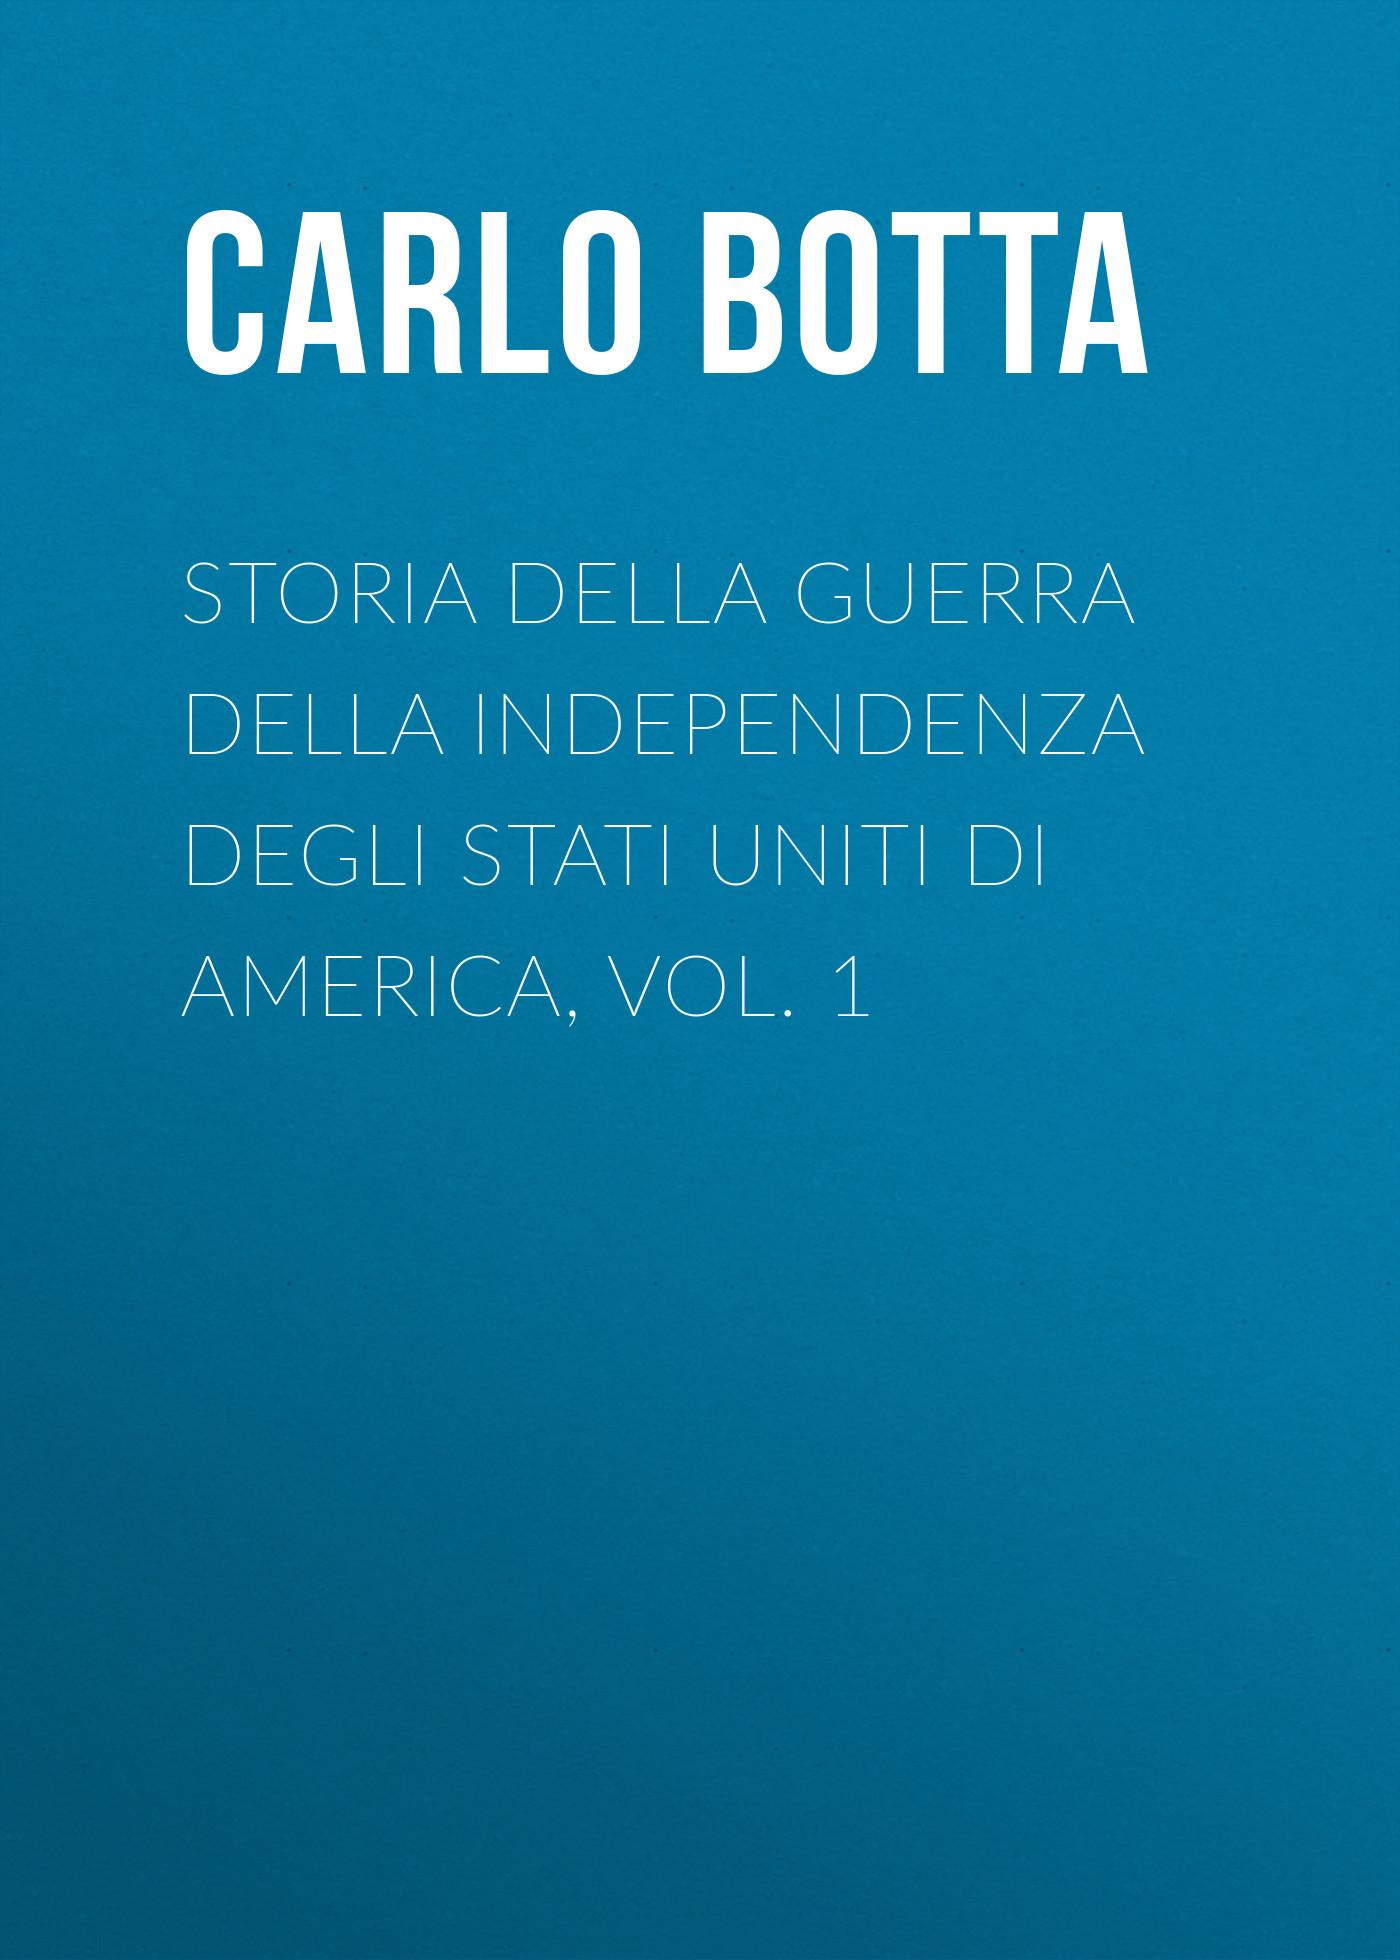 цена Botta Carlo Storia della Guerra della Independenza degli Stati Uniti di America, vol. 1 онлайн в 2017 году